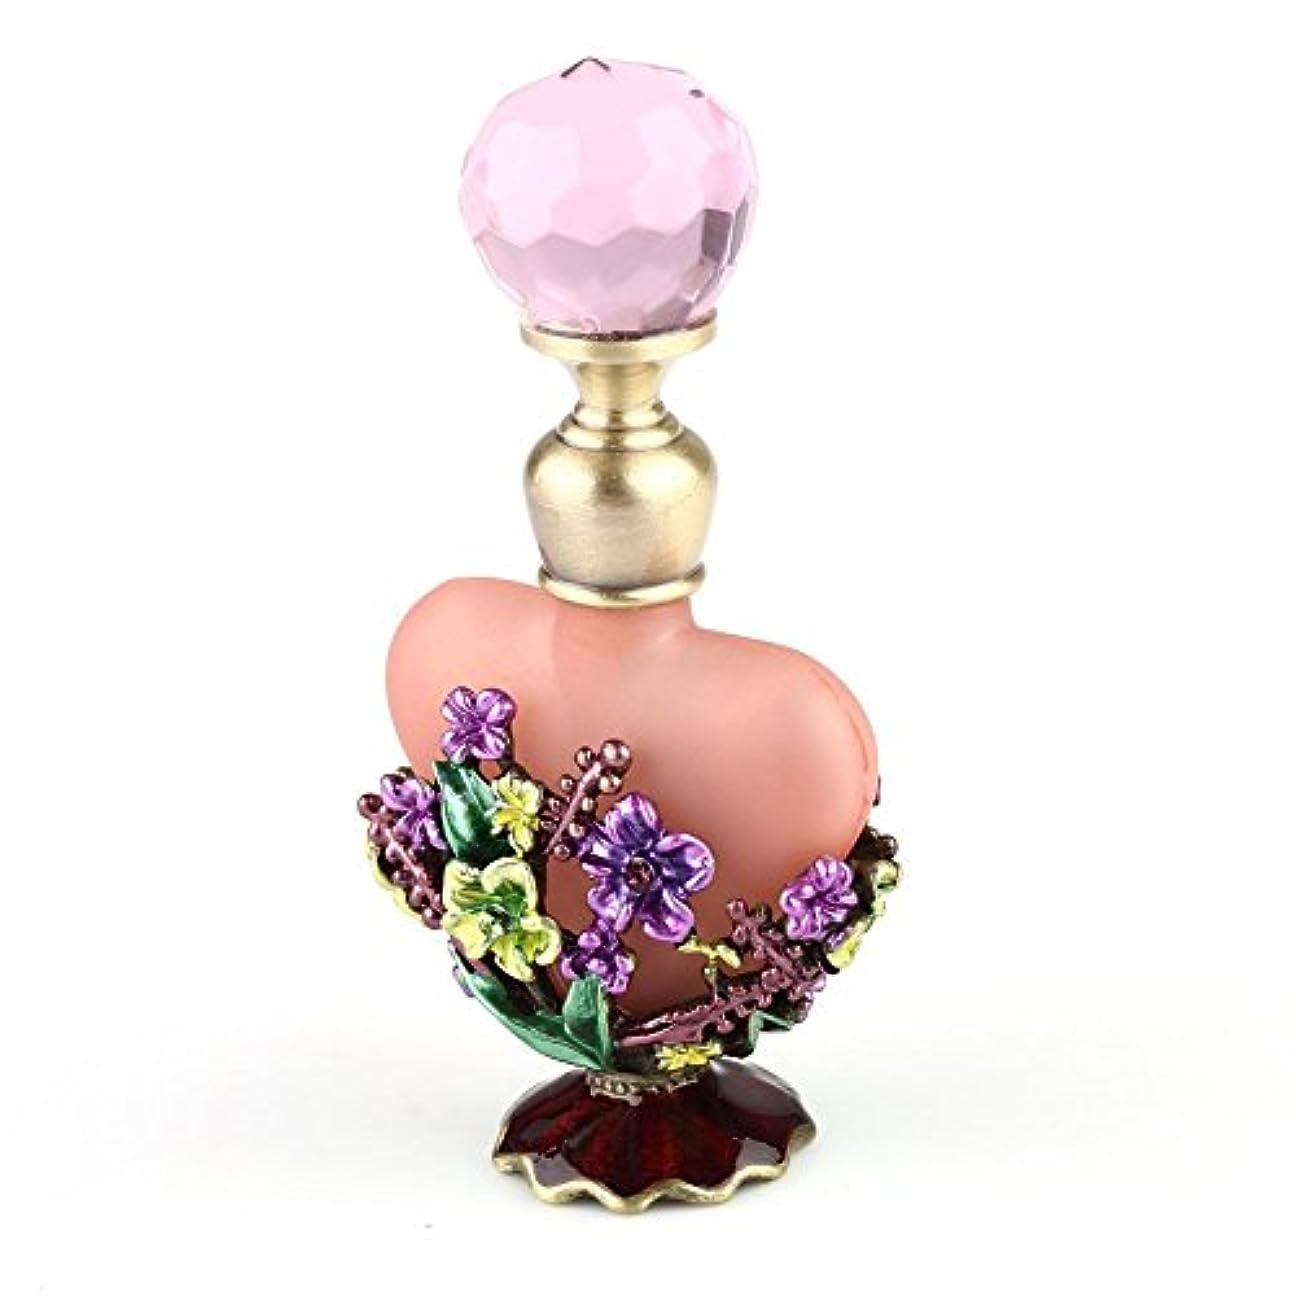 しっとり魚サイレントVERY100 高品質 美しい香水瓶/アロマボトル 5ML ピンク アロマオイル用瓶 綺麗アンティーク調フラワーデザイン プレゼント 結婚式 飾り